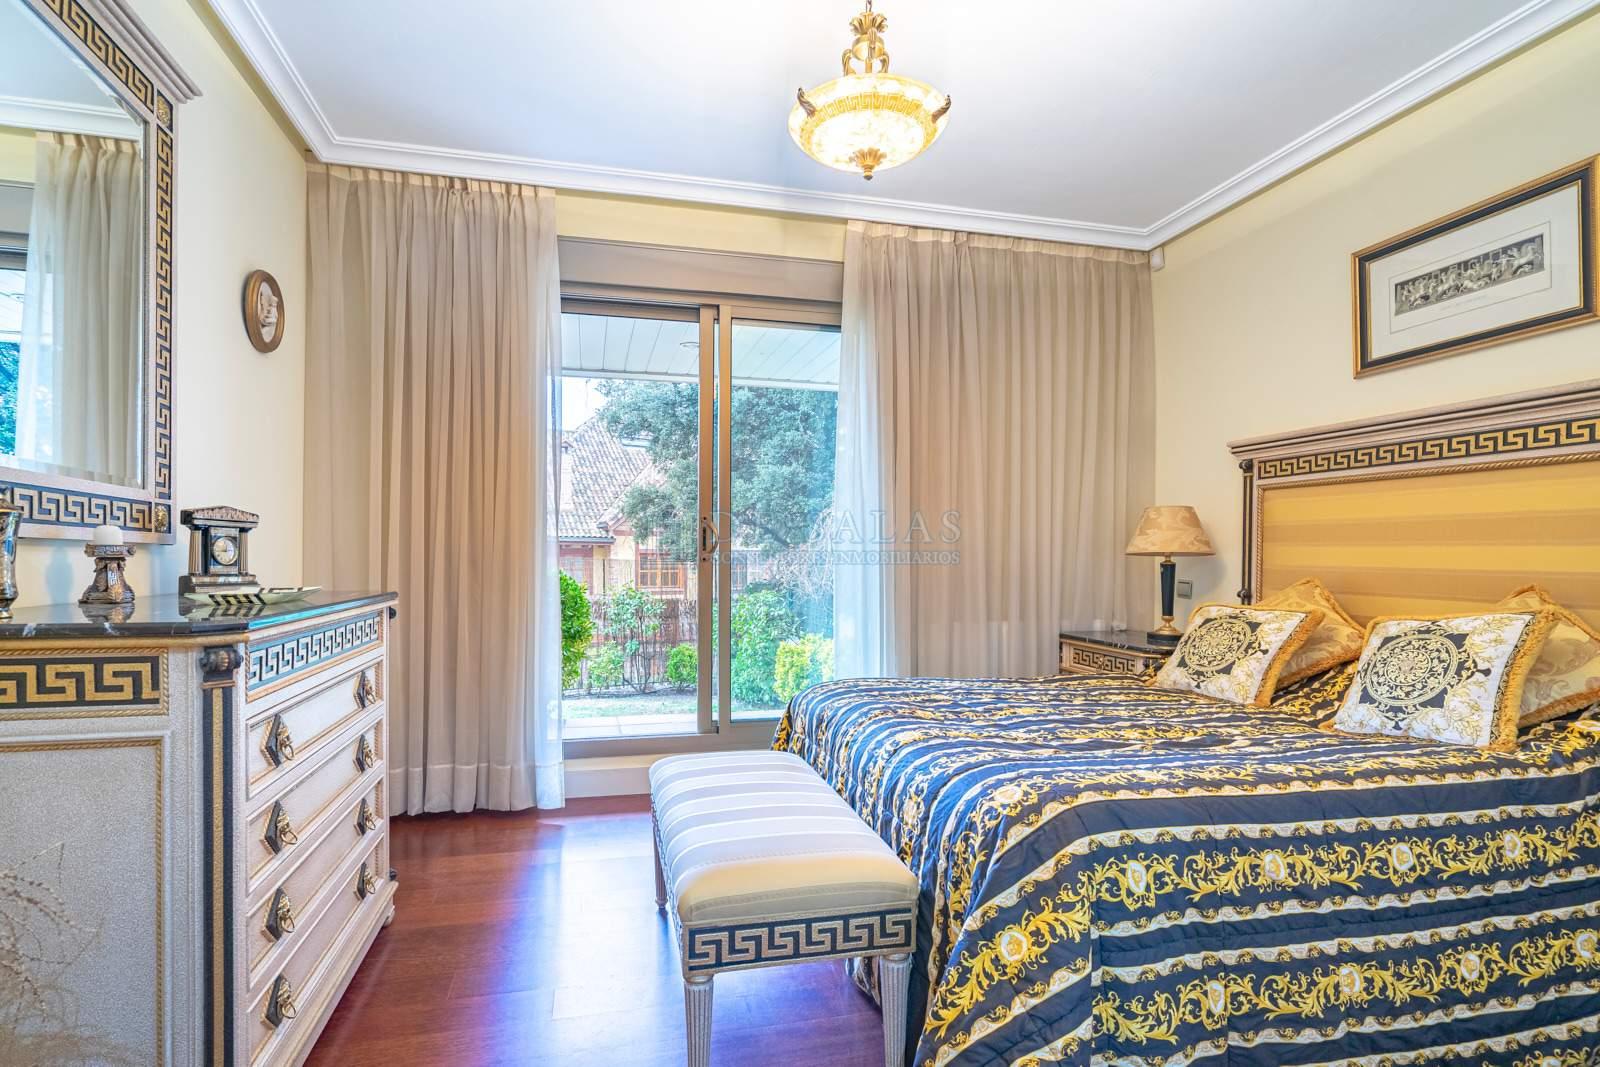 Dormitorio-22 Flat El Encinar de los Reyes